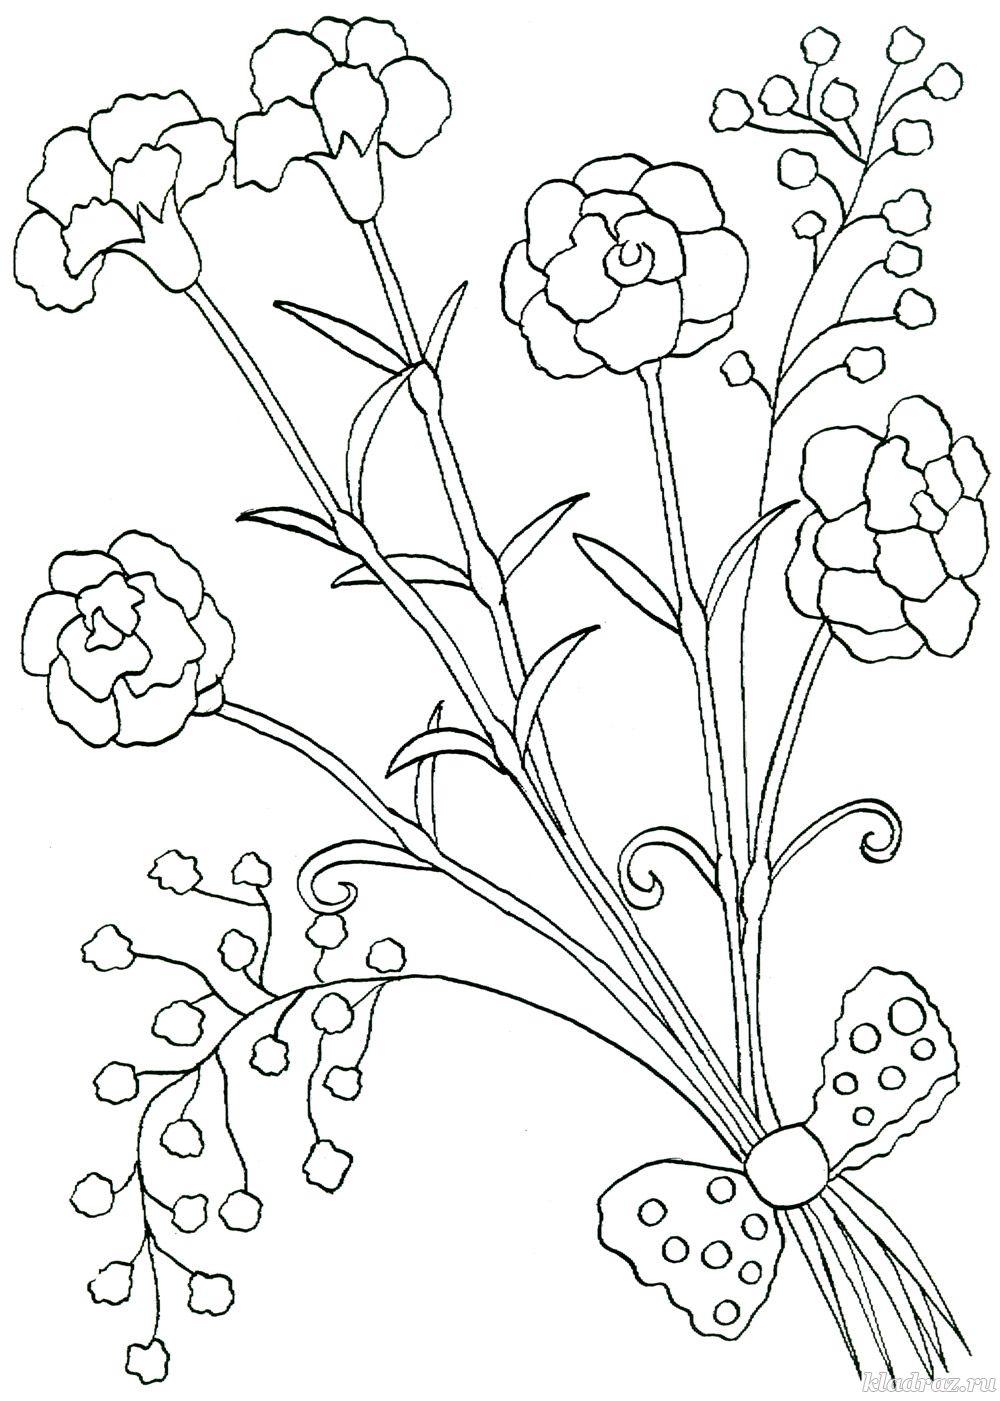 Раскраска для детей 6-7 лет. Летние цветы